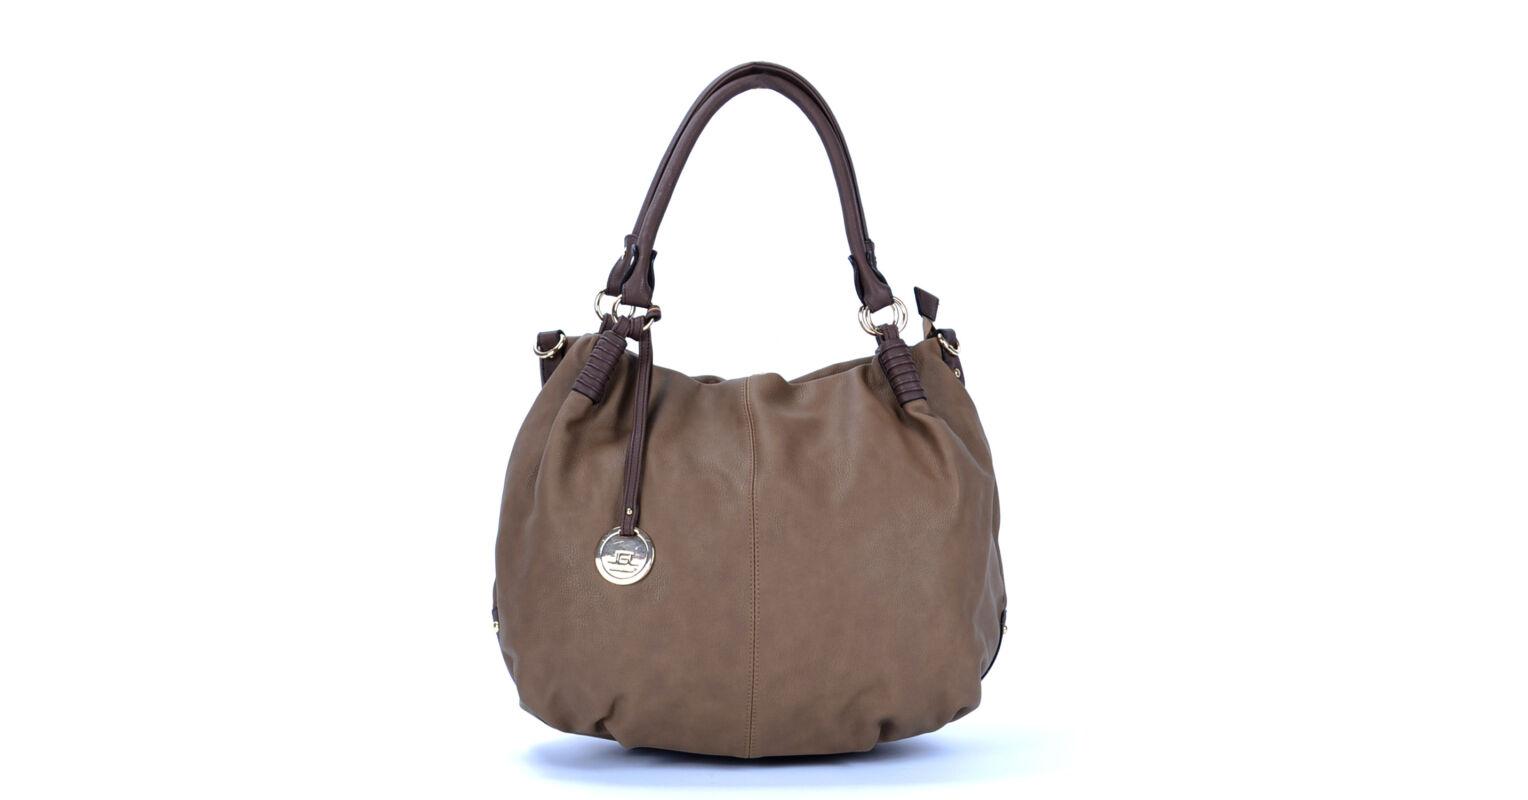 21fb19c64c59 Besty Női Keki Színű Válltáska - Válltáskák - Táska webáruház - Minőségi  táskák mindenkinek